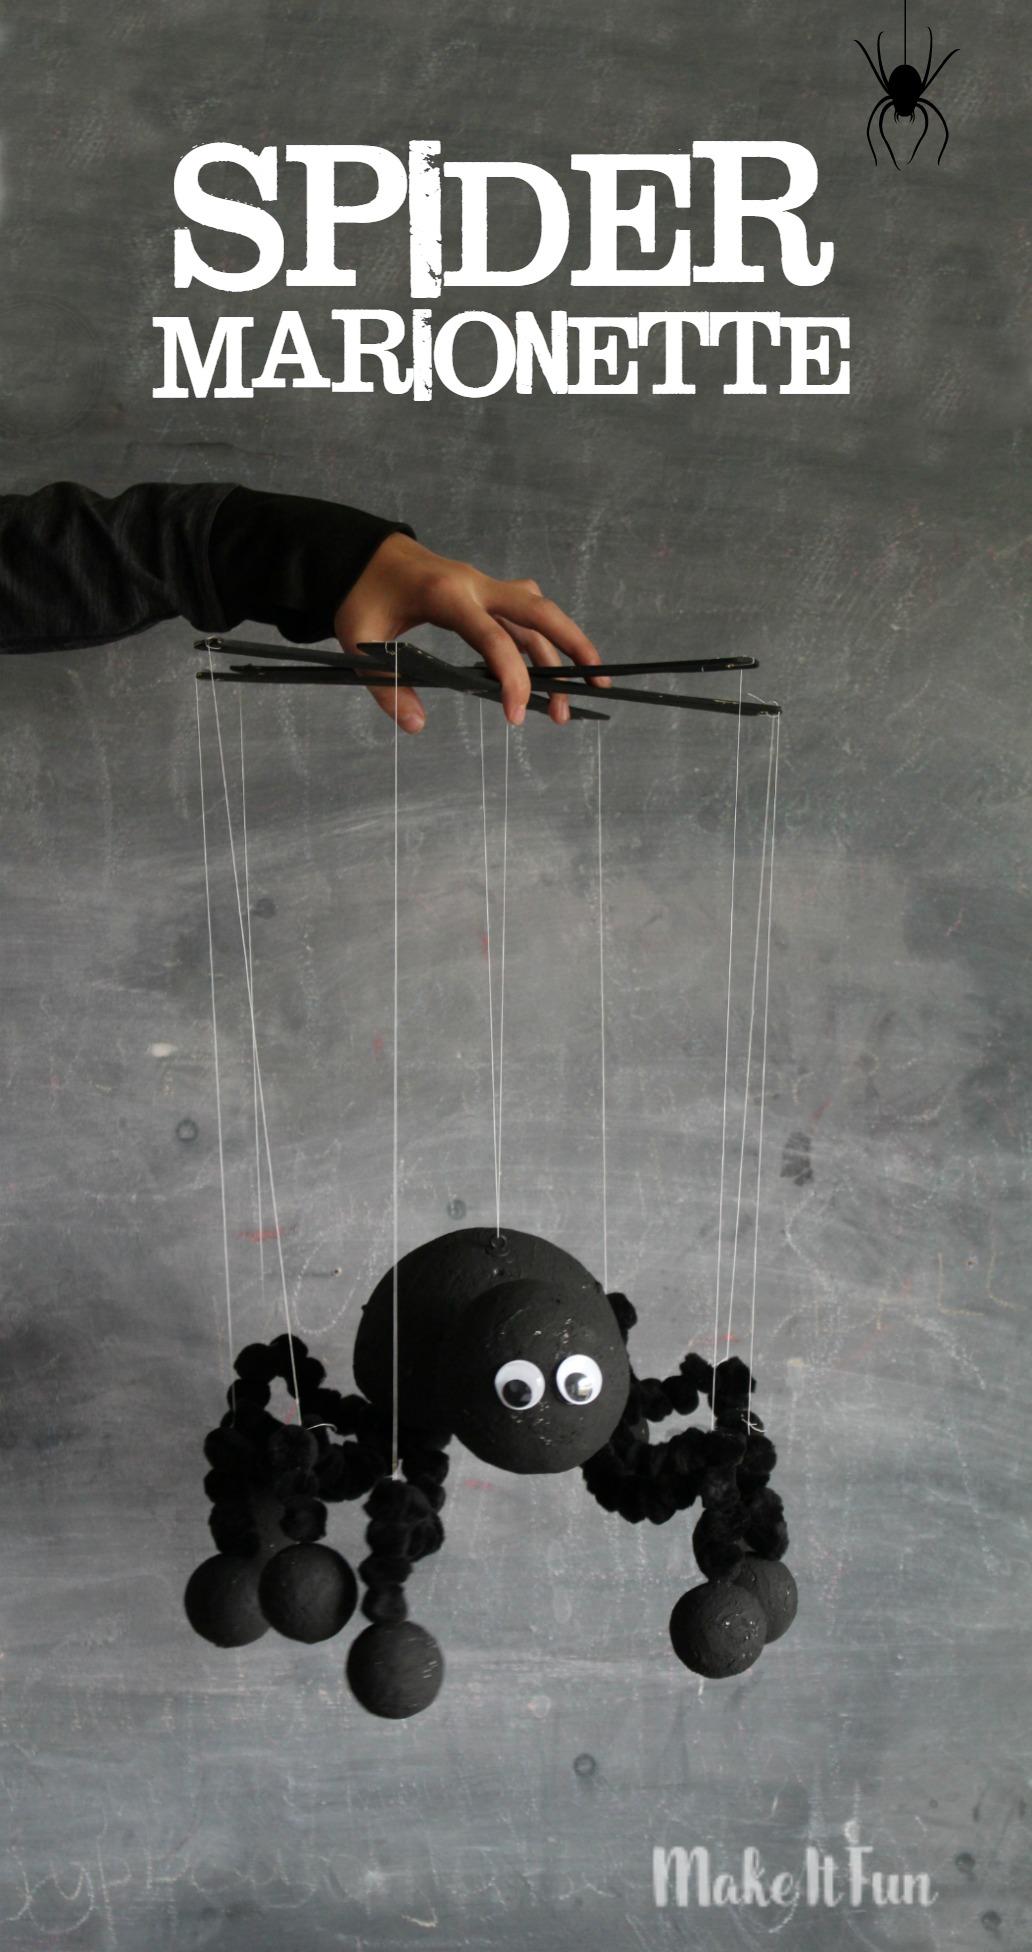 spider-marionette